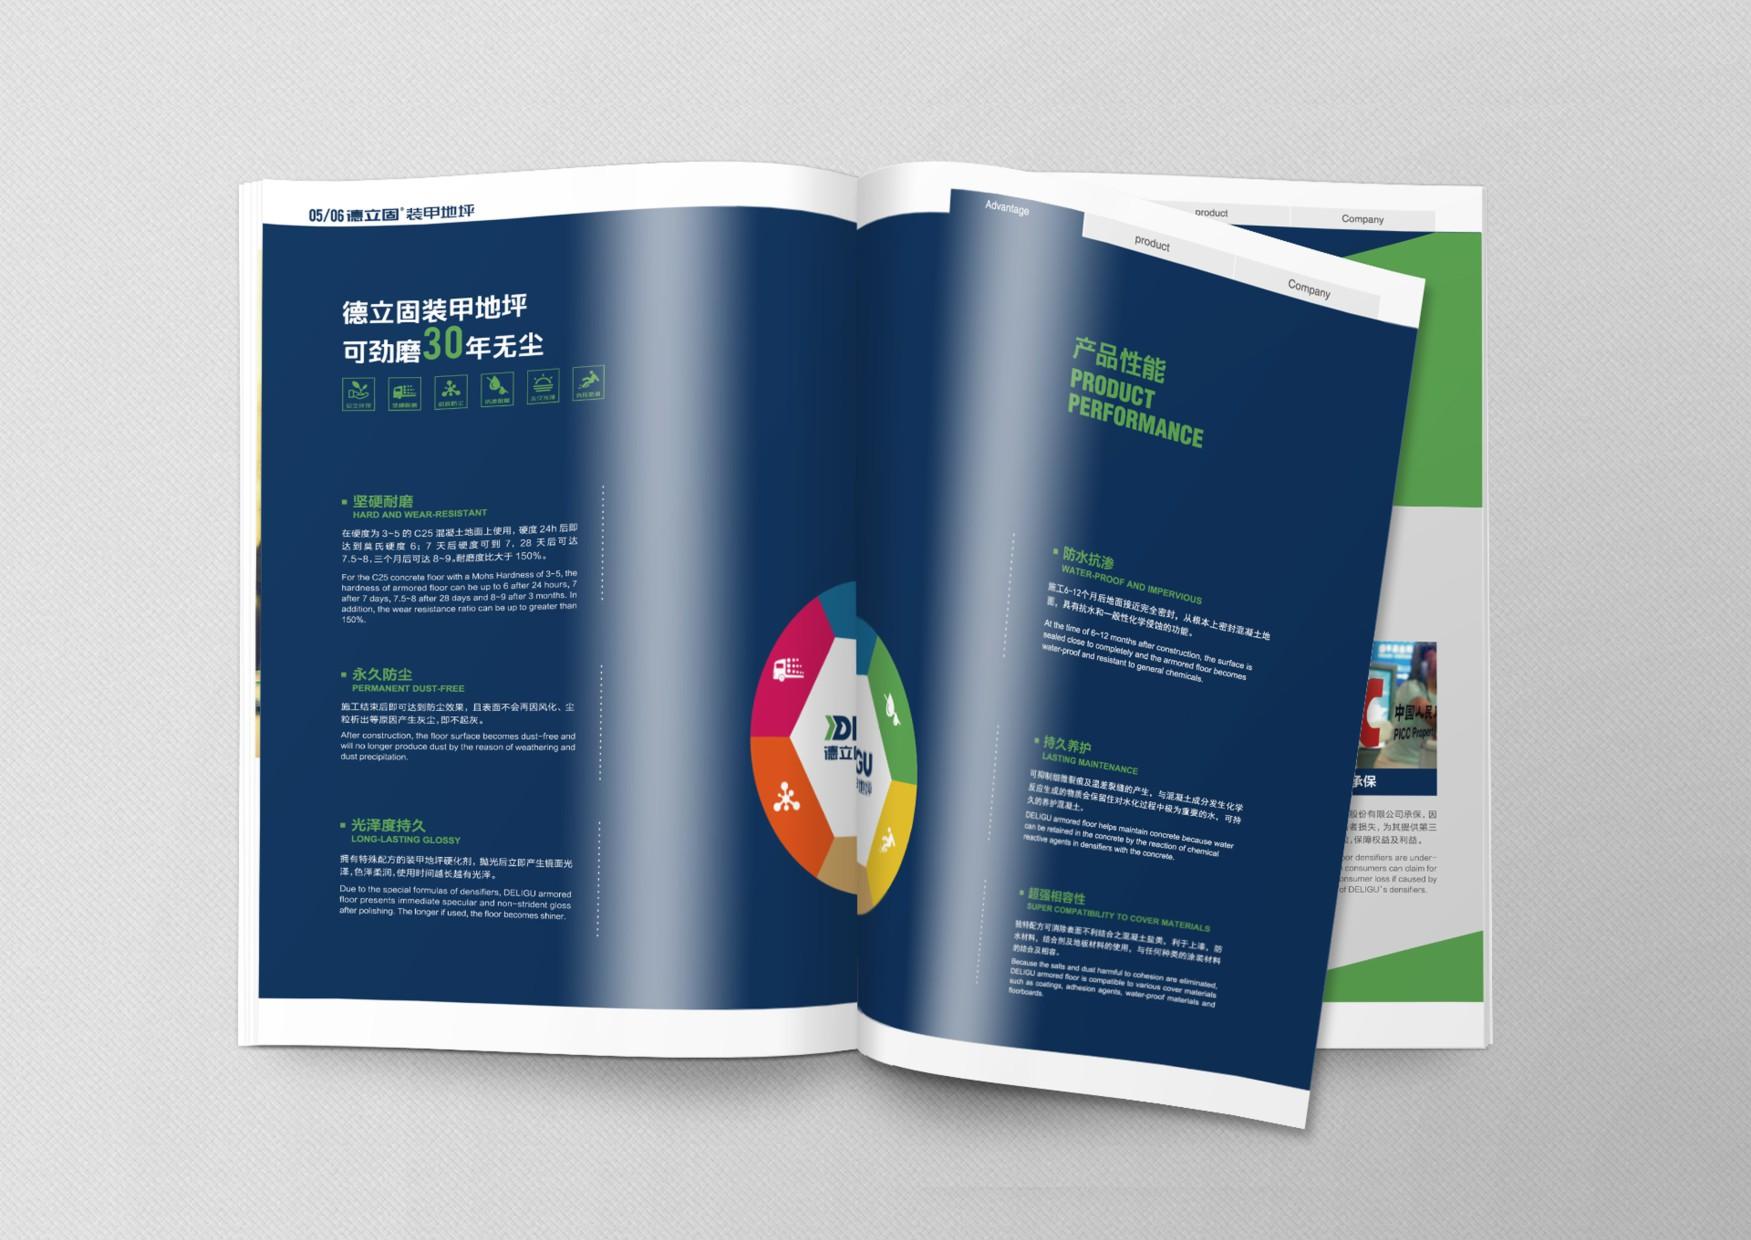 如何设计好一本企业宣传画册